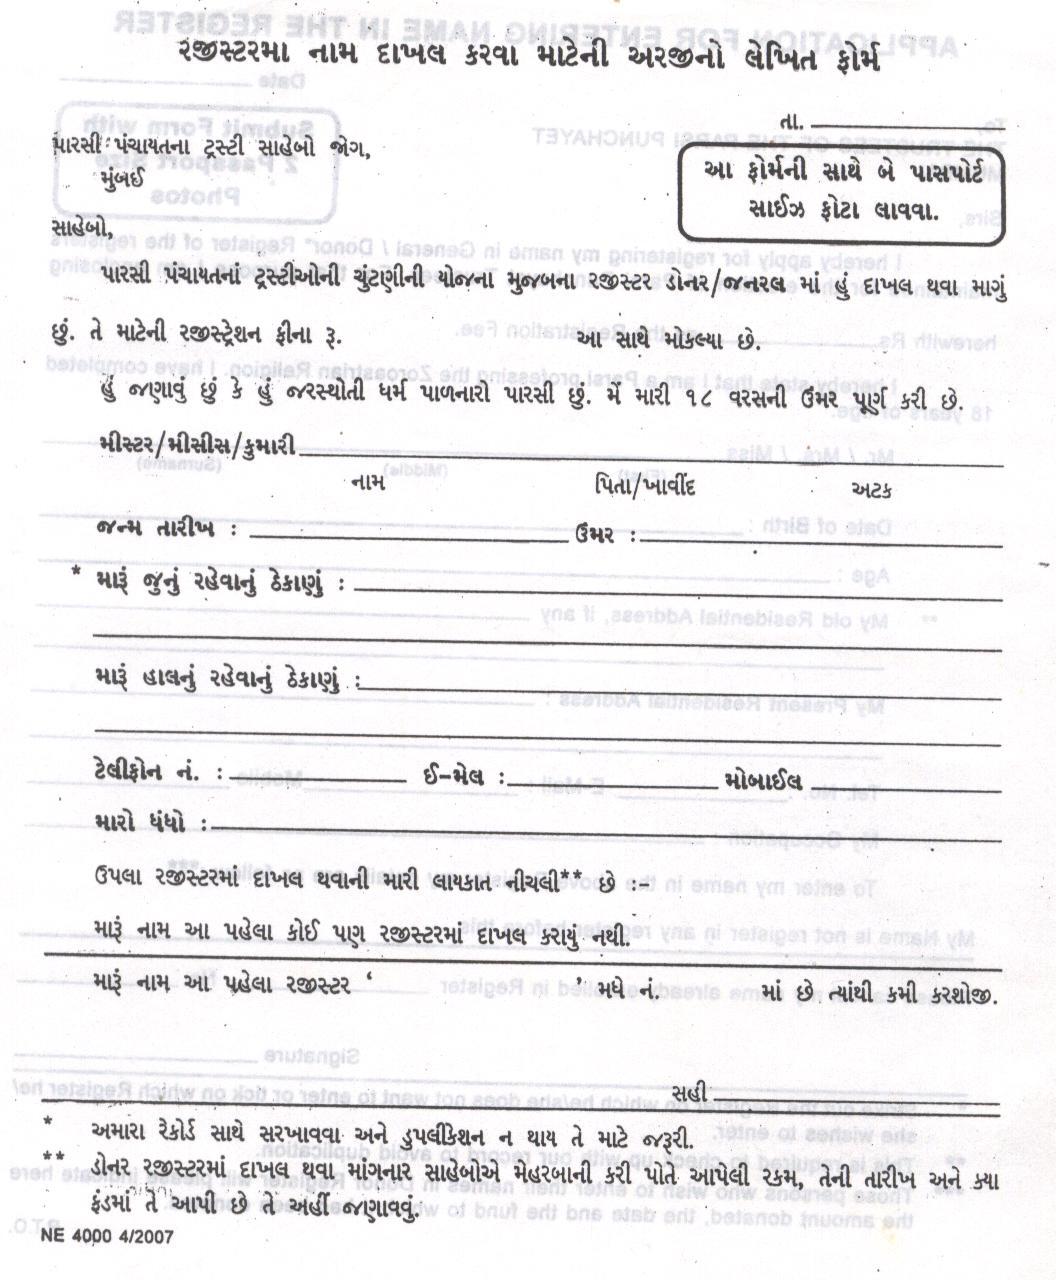 formbppgujarati Gujarati Application Format on letter writing, fort hood, cover letter, letter posted internet, dhaka university, letter for secretarial, form.pdf, letter lastest, for leaving university,